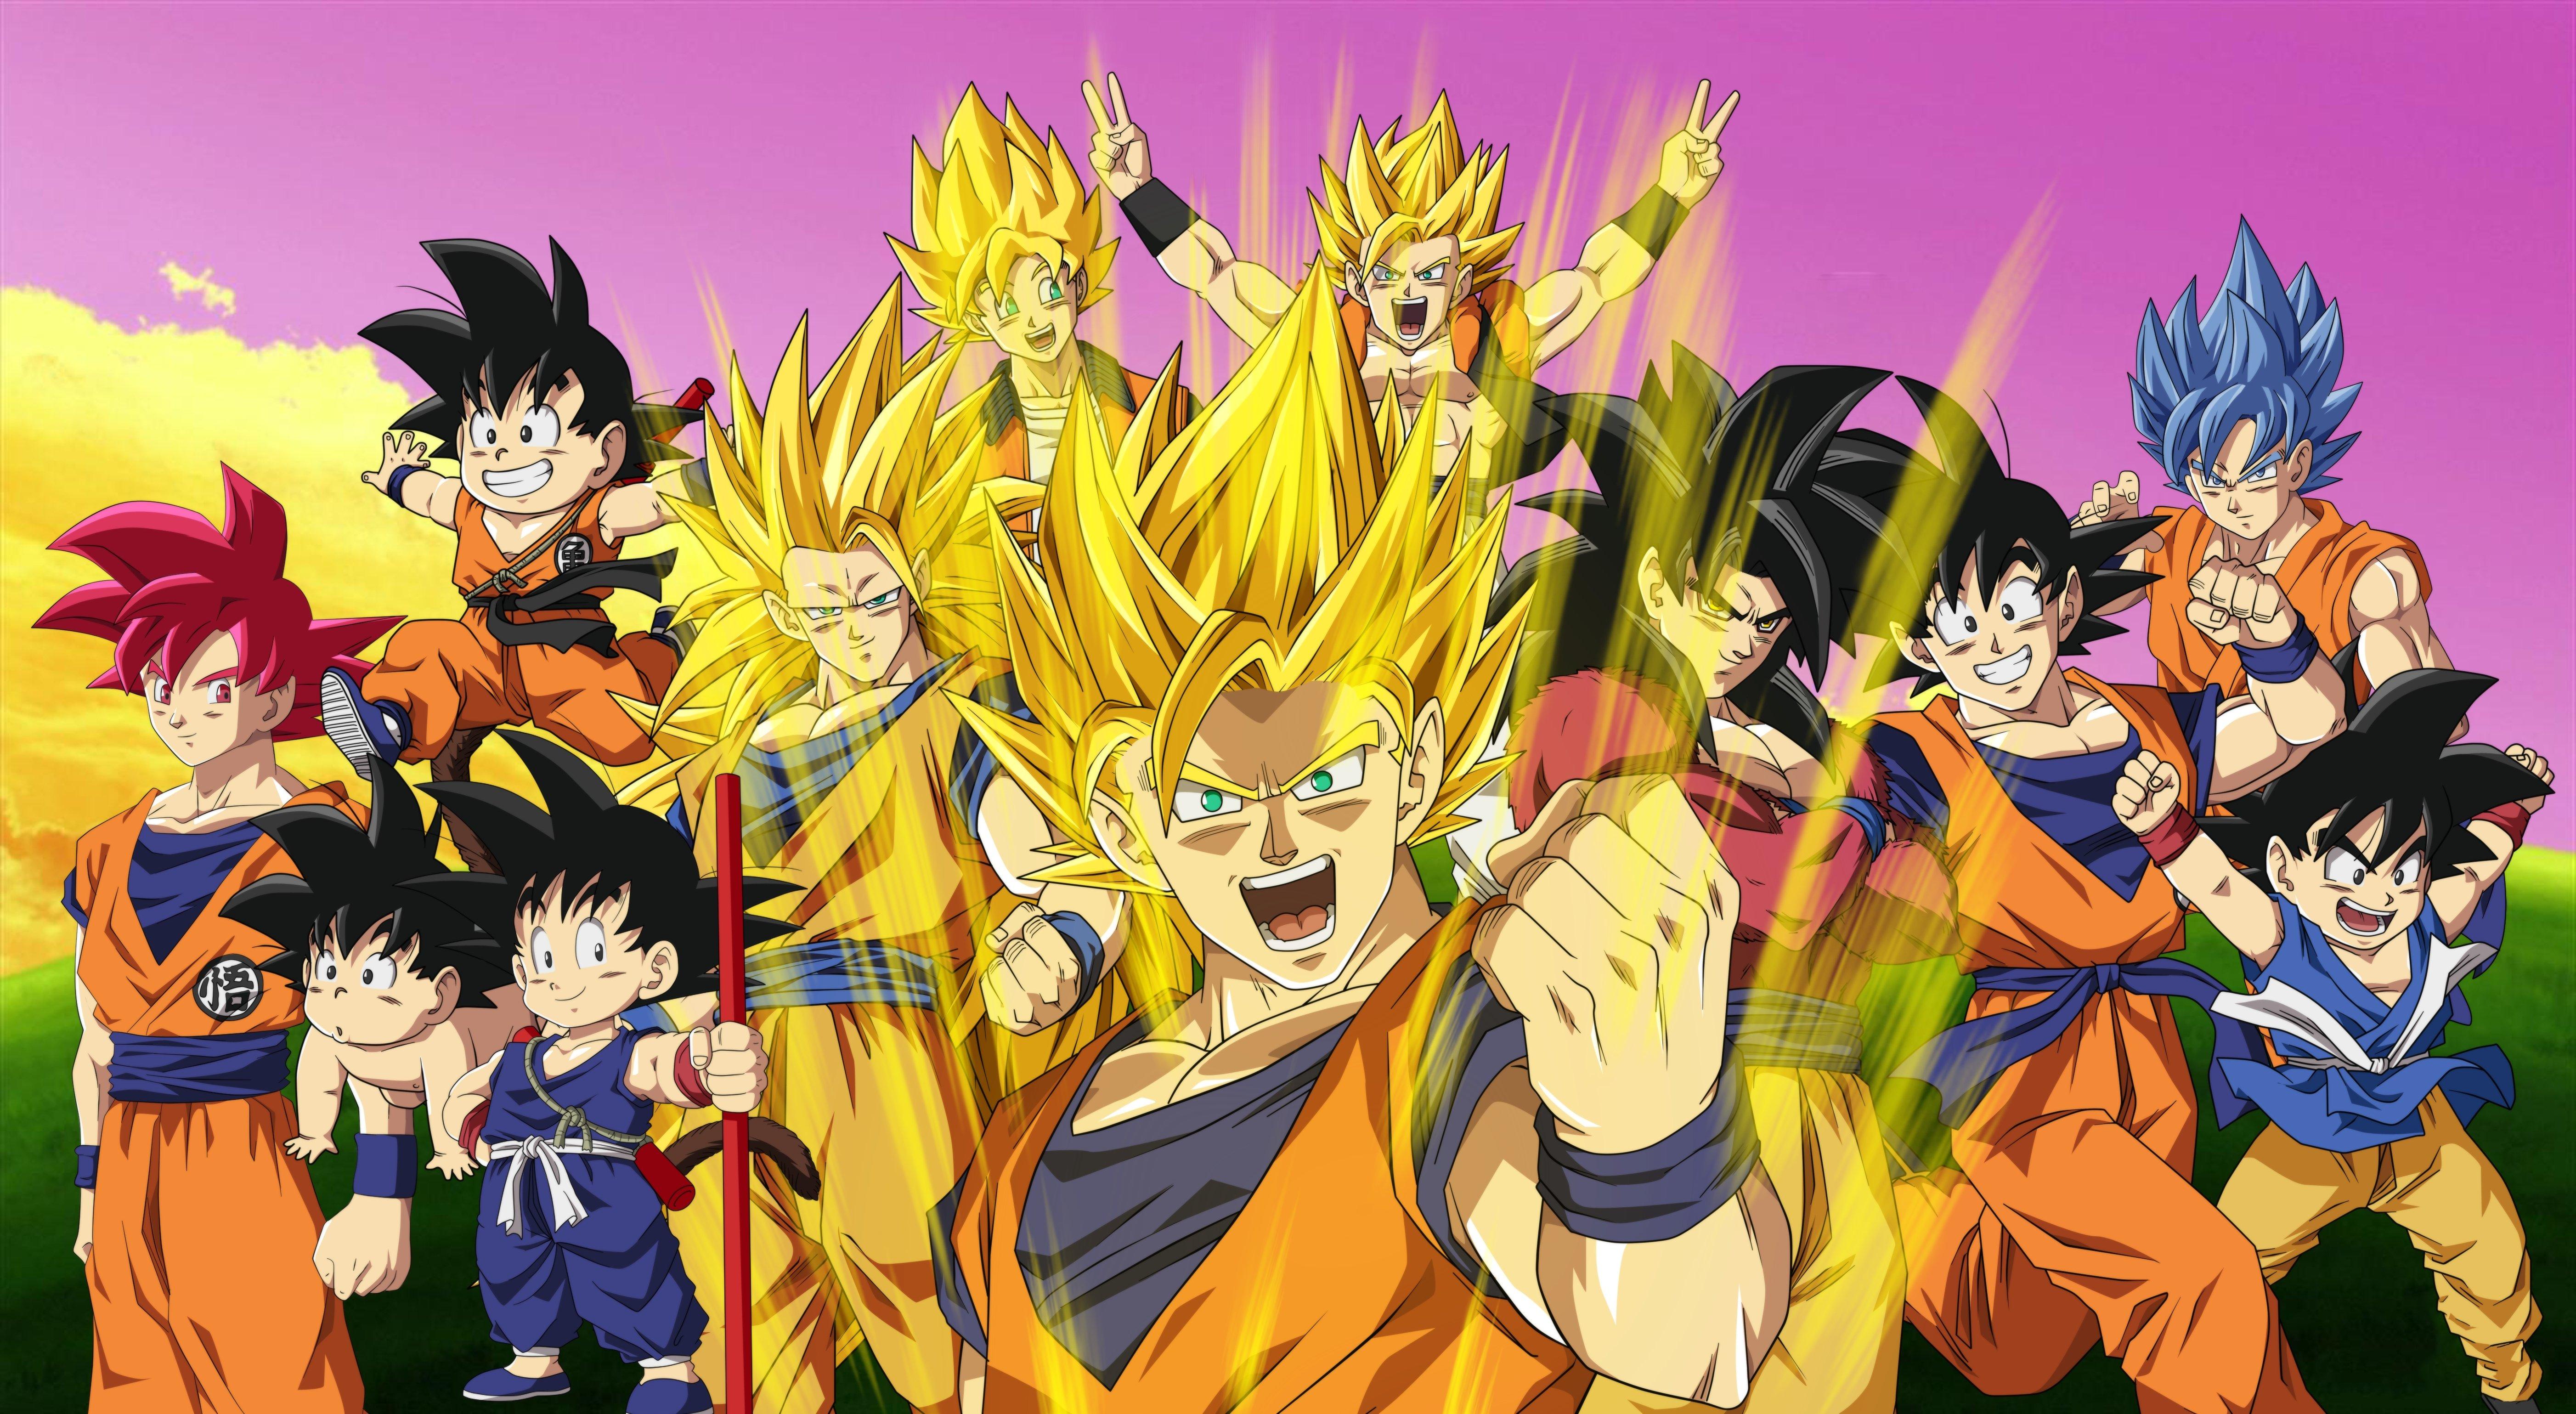 Fondos de pantalla Anime Goku